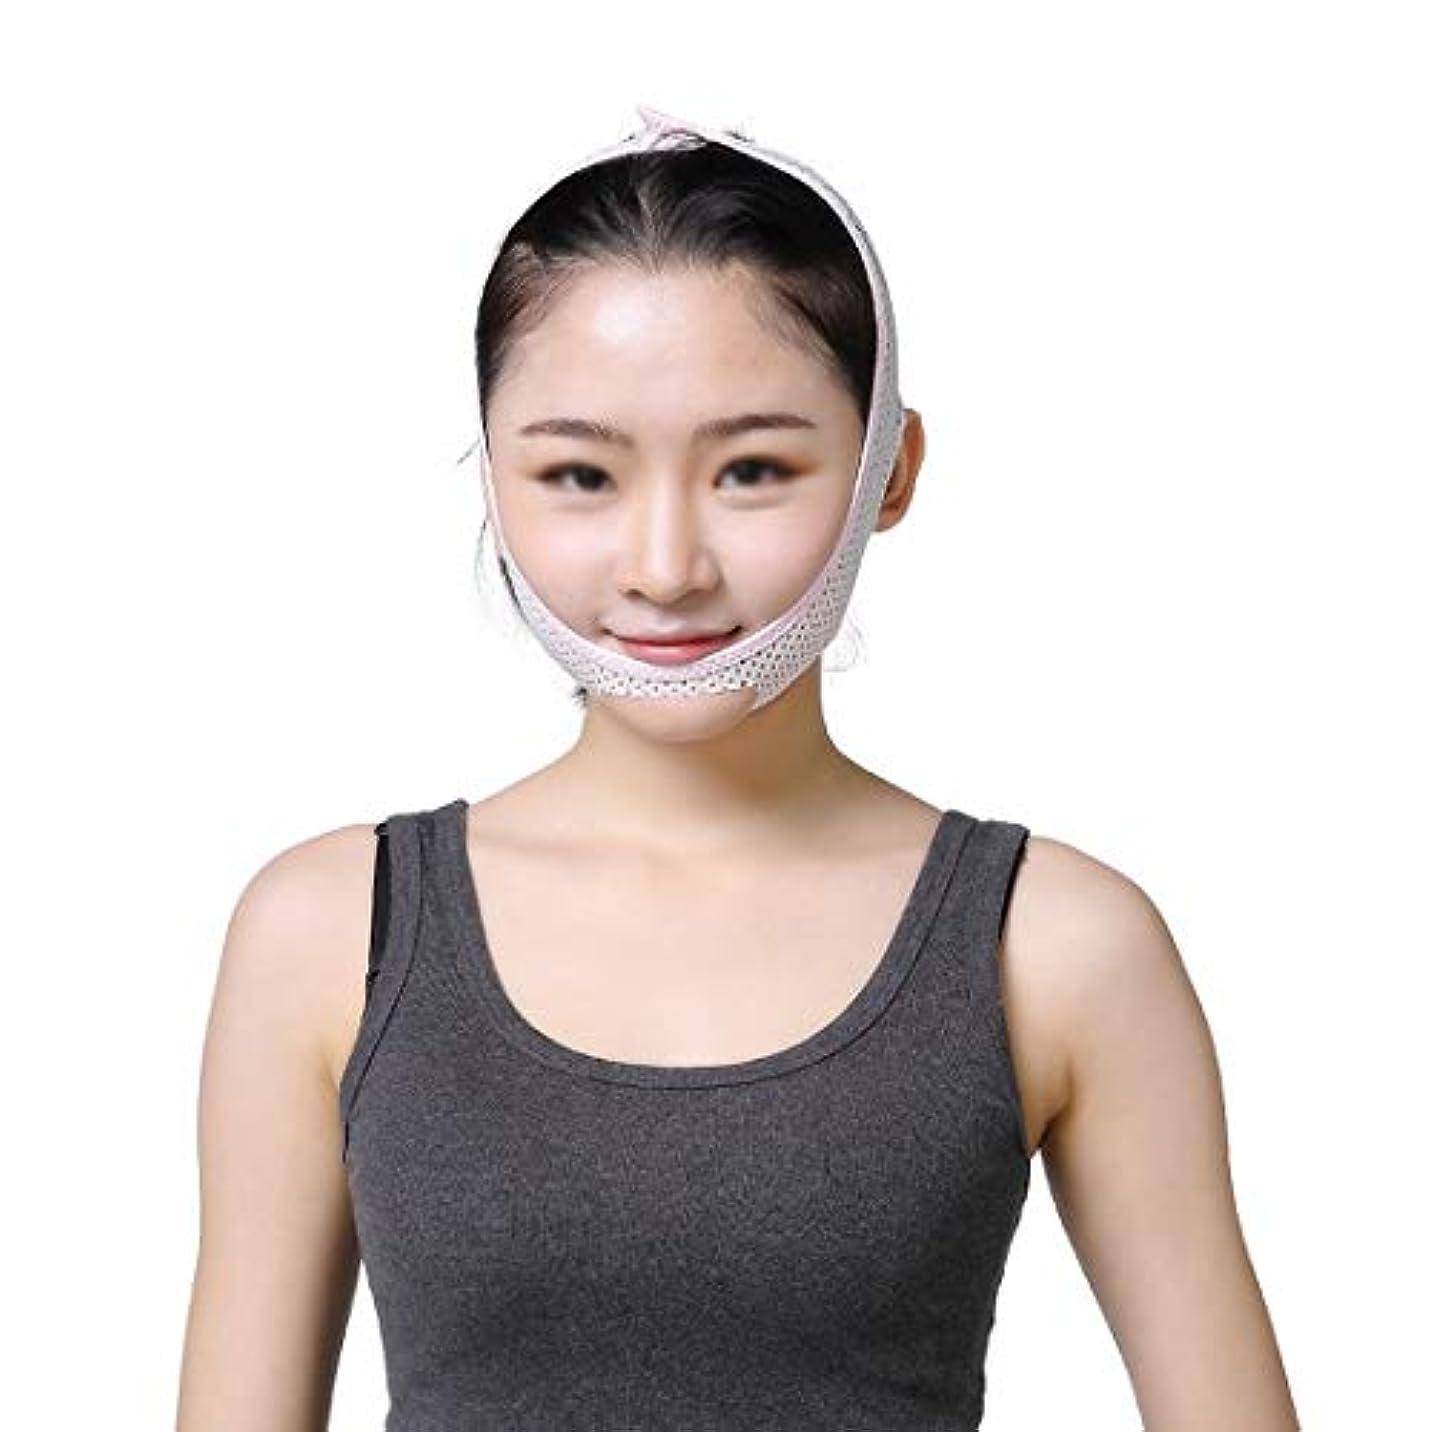 コールひどい錫ZWBD フェイスマスク, 薄い顔包帯美容機器持ち上がる引き締めダブルチン判決V顔の引き締め痩身包帯引き締めフェイシャルマッサージ (Size : L)